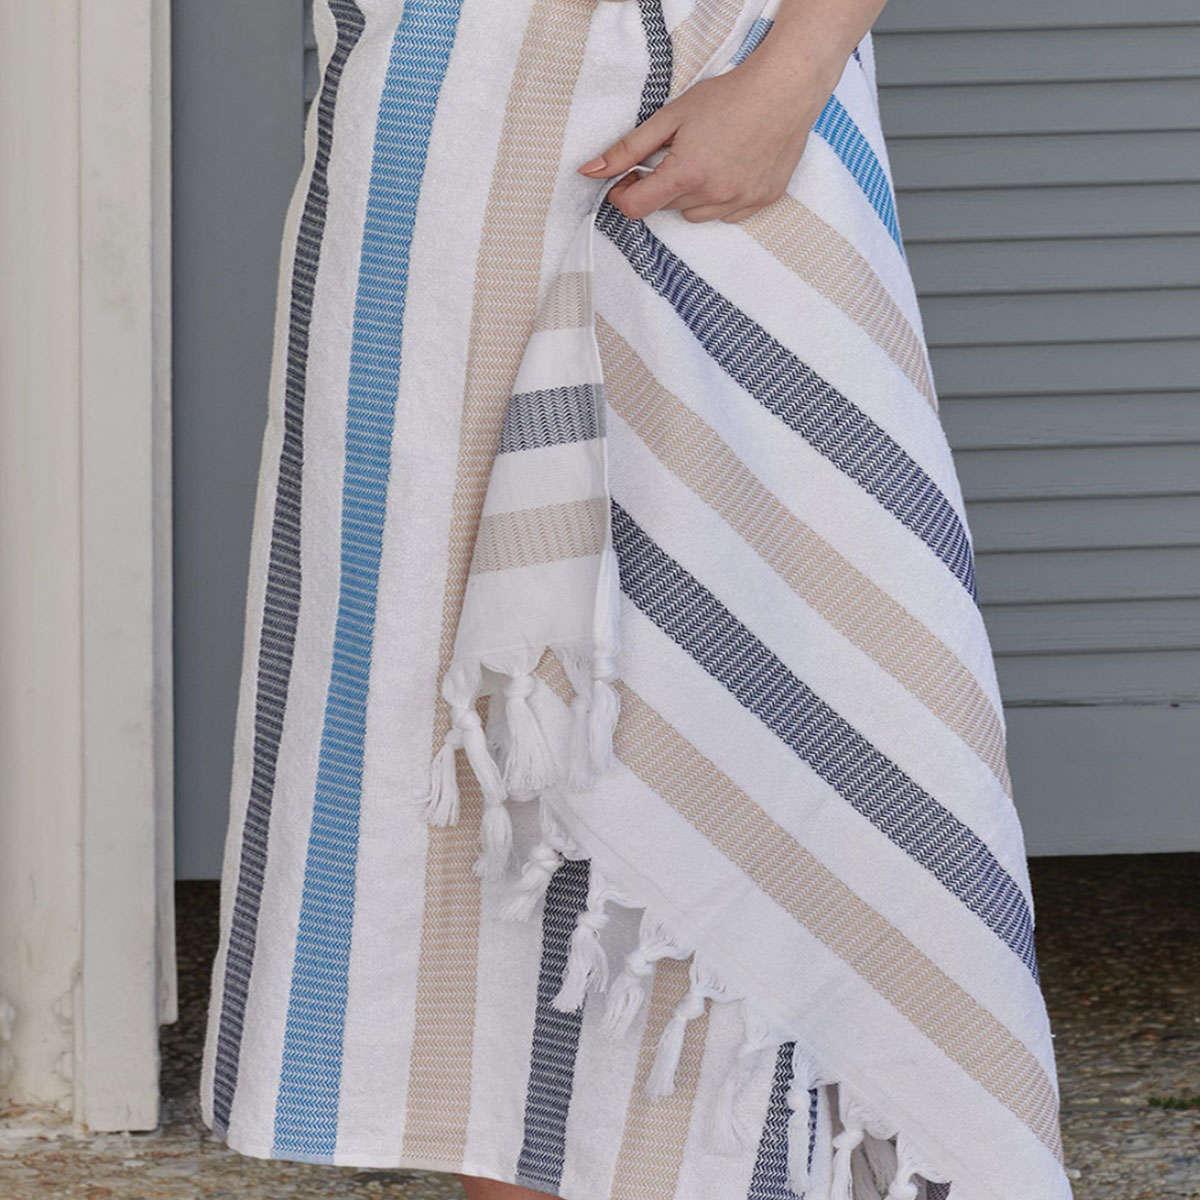 Πετσέτα Θαλάσσης – Παρεό Myrtos 18 Blue-Beige Kentia Θαλάσσης 90x180cm